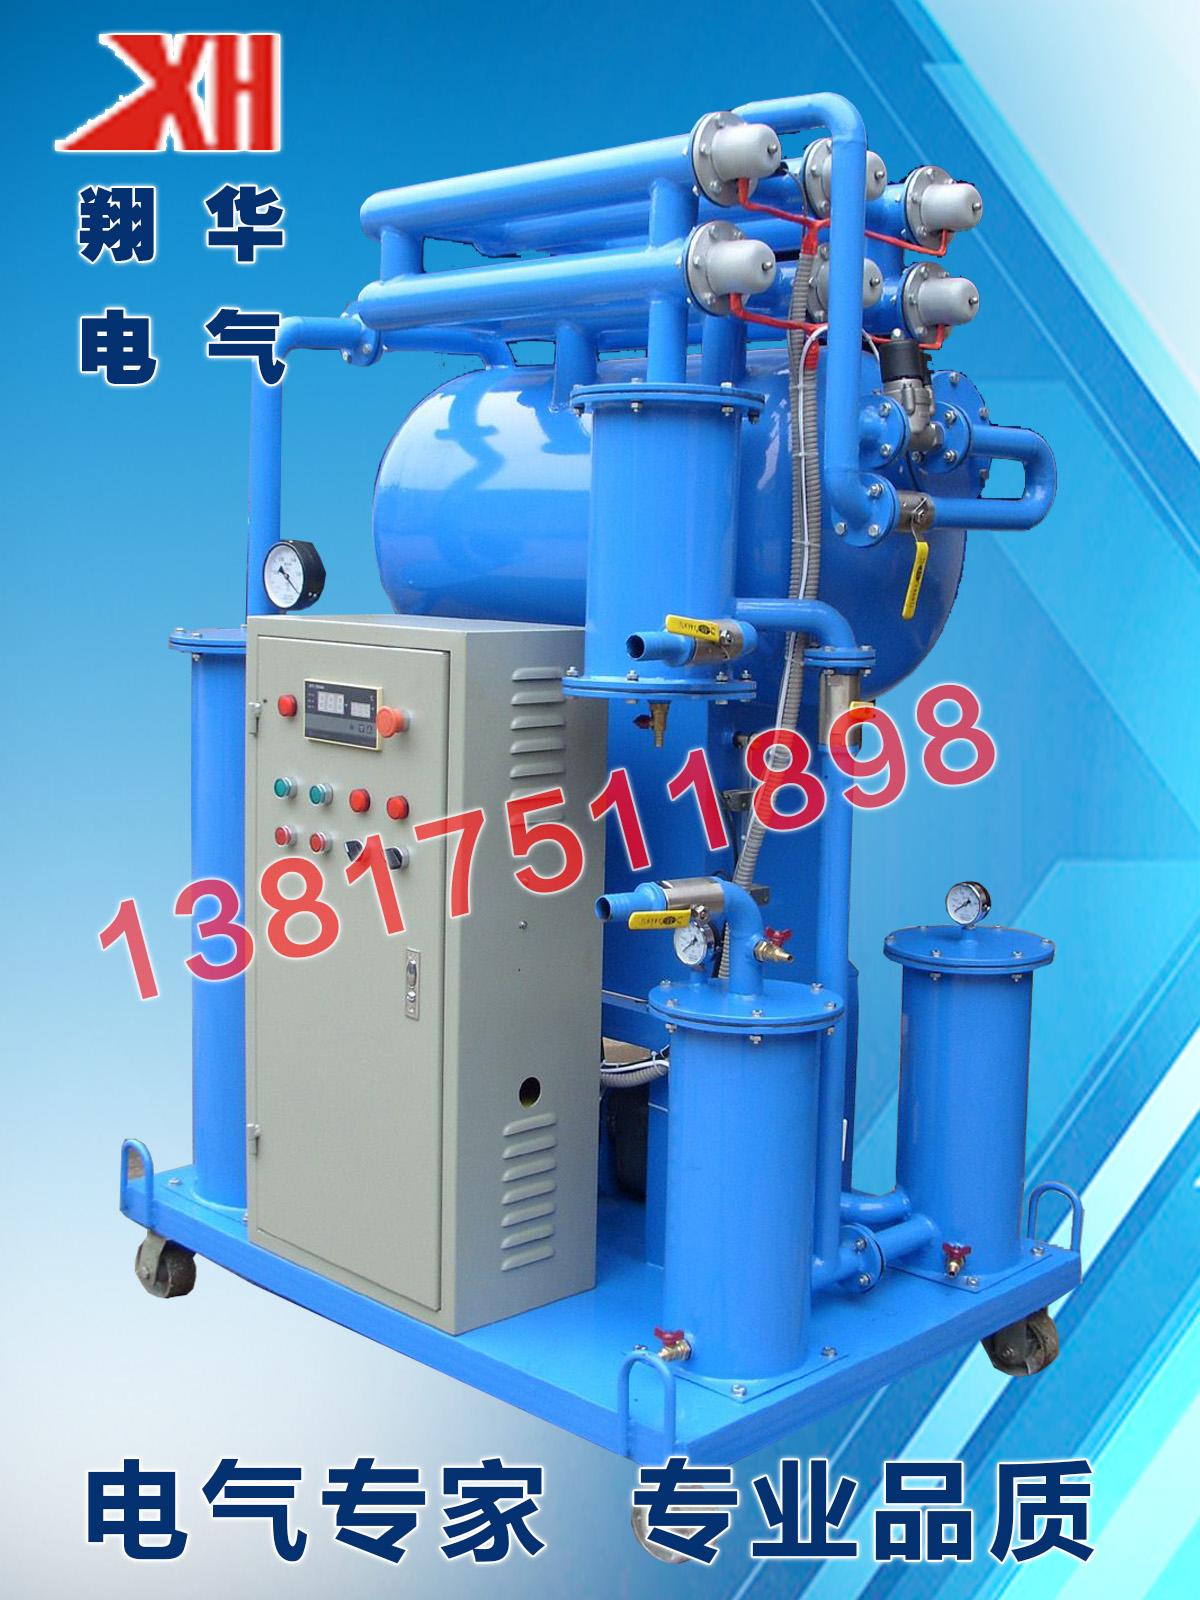 翔华XHLYJ型 高效真空滤油机 XHLYJ-150透平油 真空滤油机厂家